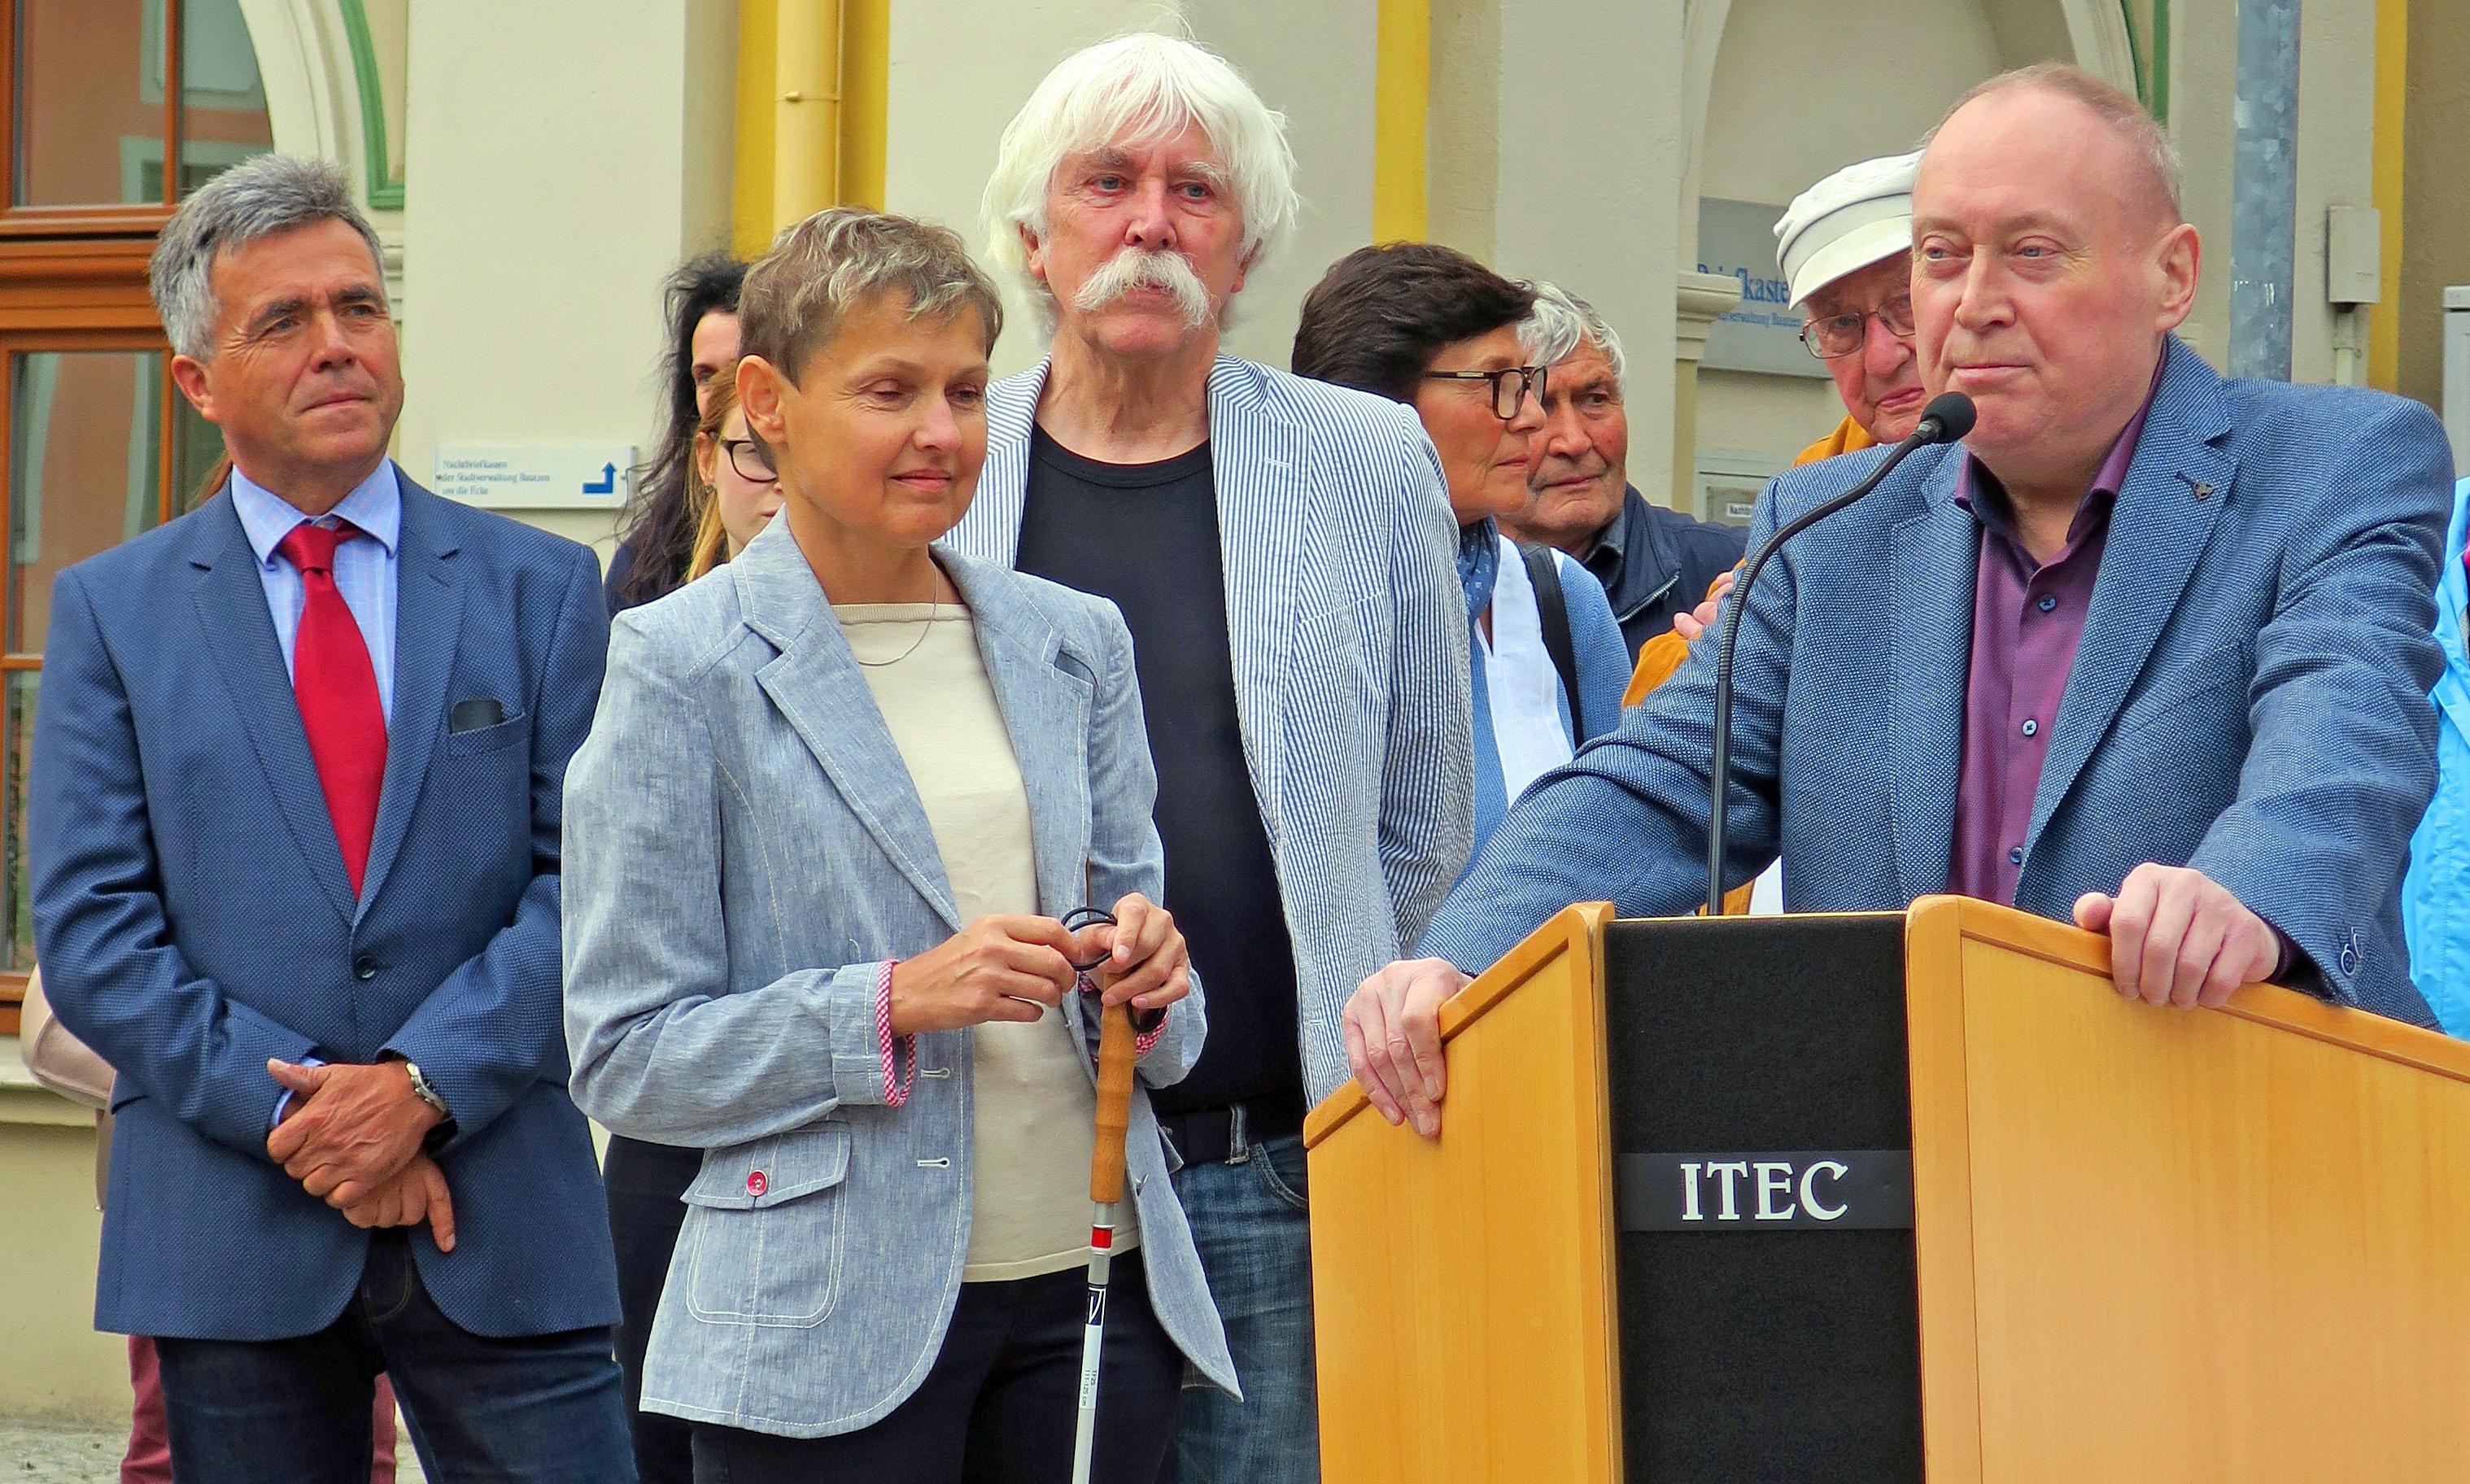 Der Landrat des sächsischen Landkreises Bautzen Hr. Harig, die Landesvorsitzende des BSVS Fr. Fischer, der Modellkünstler Hr. Broerken, (von links nach rechts) stehen neben dem Rednerpult. Am Rednerpult steht der Projektinitiator Herr Noak von der KO Bautzen.